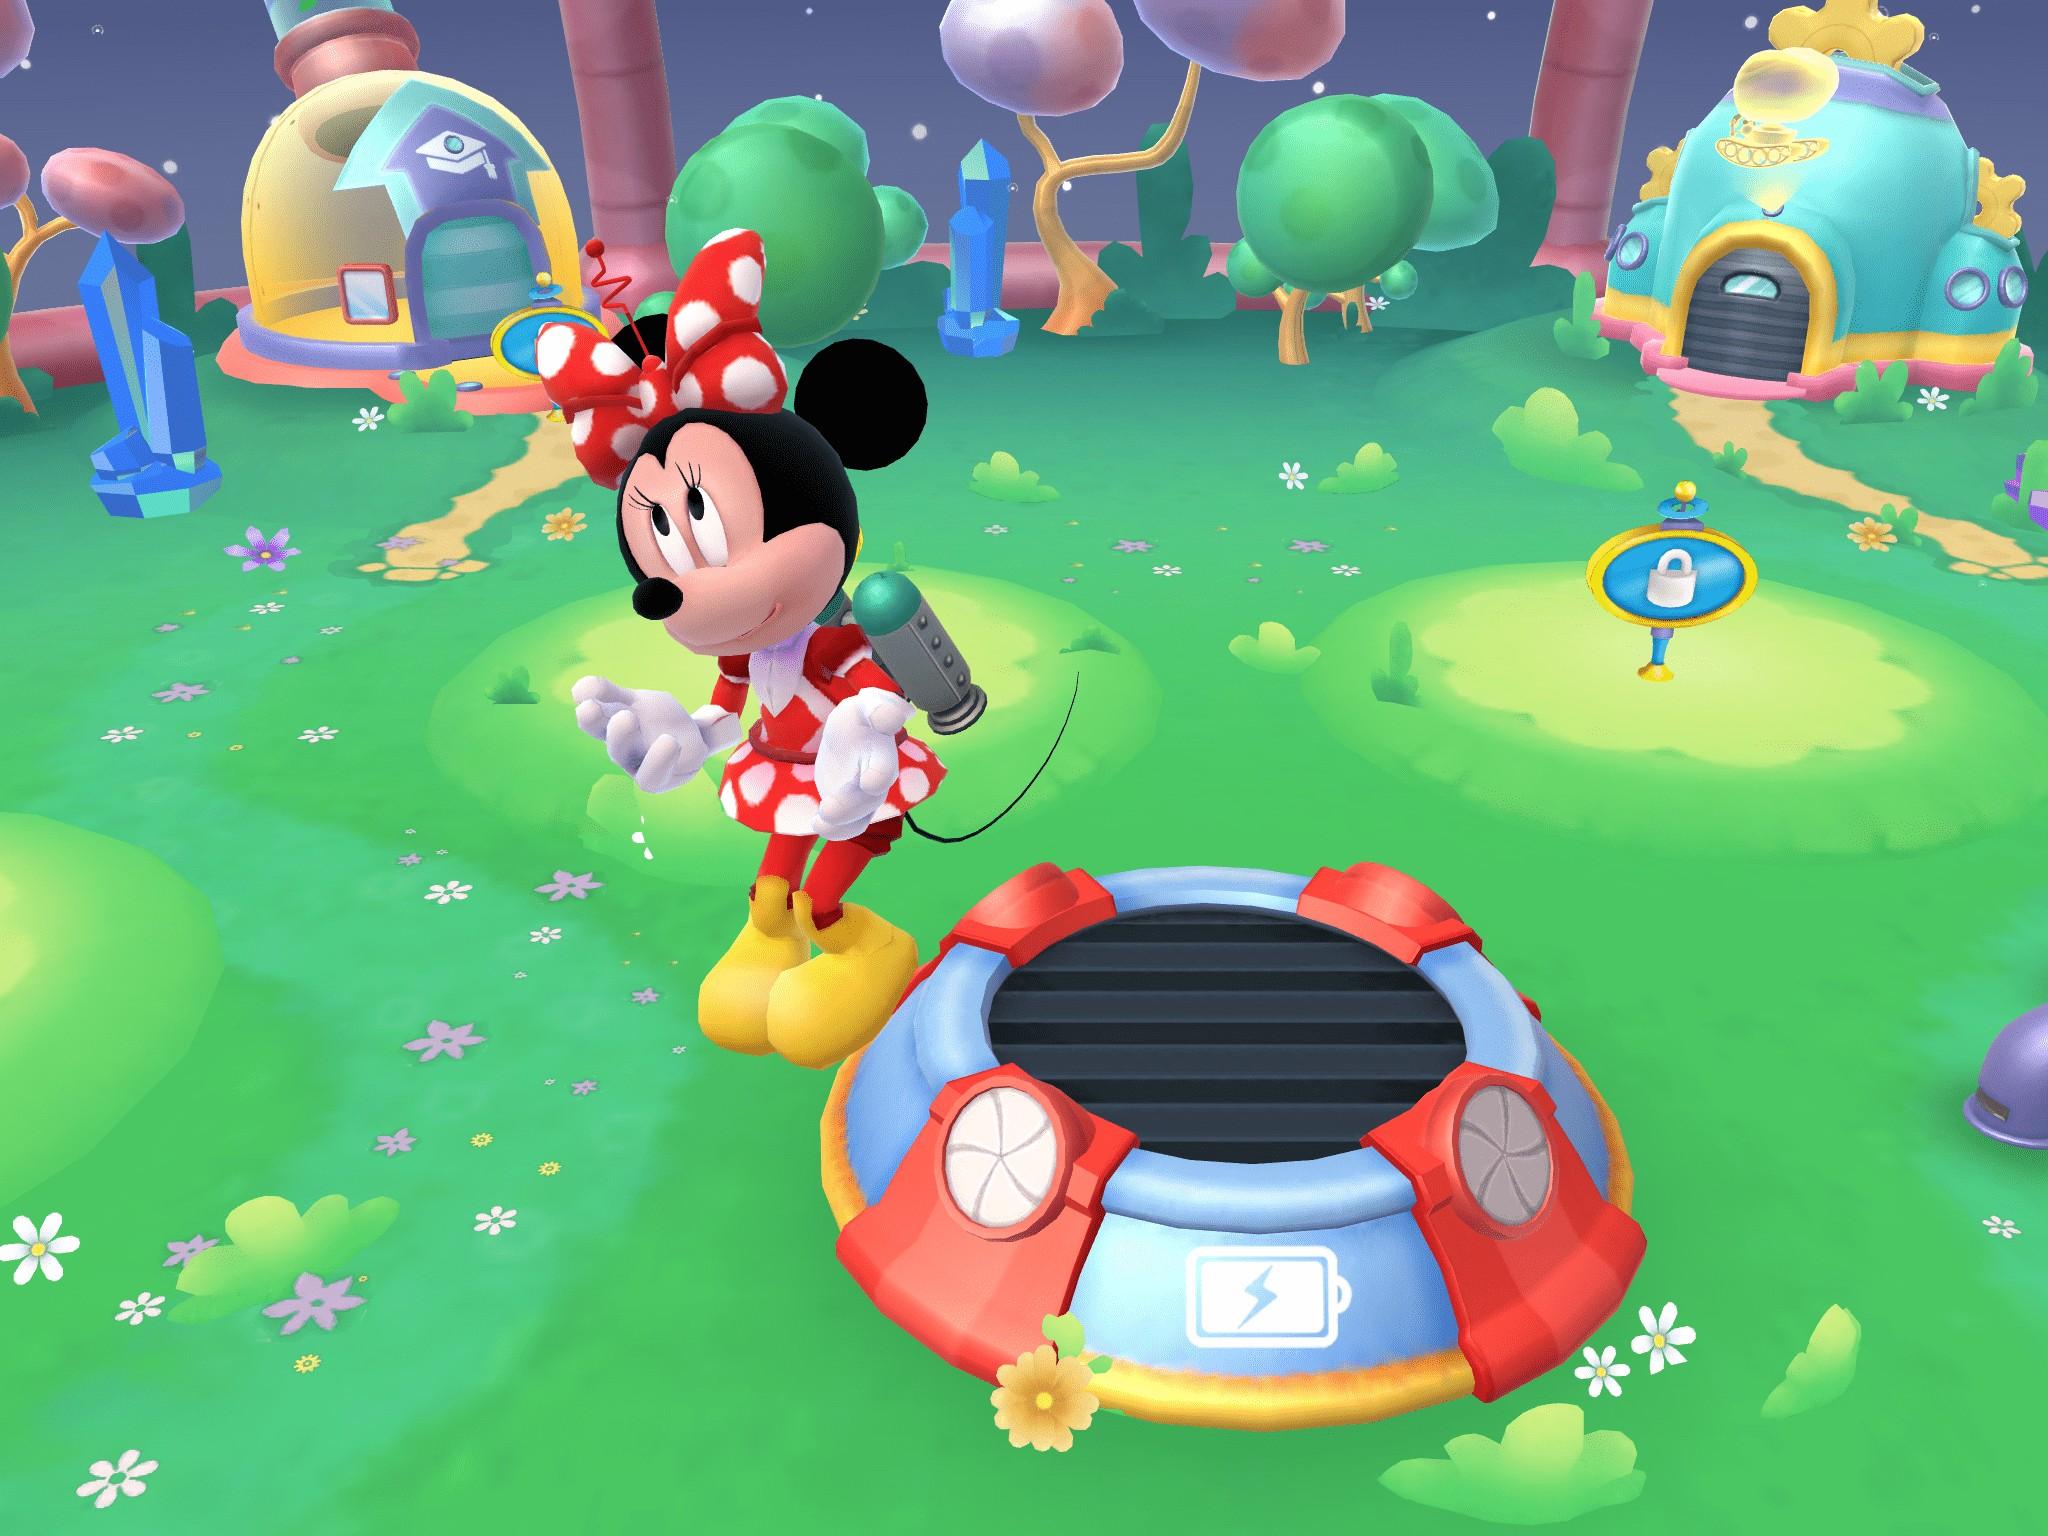 Disney Imagicademy Minnie